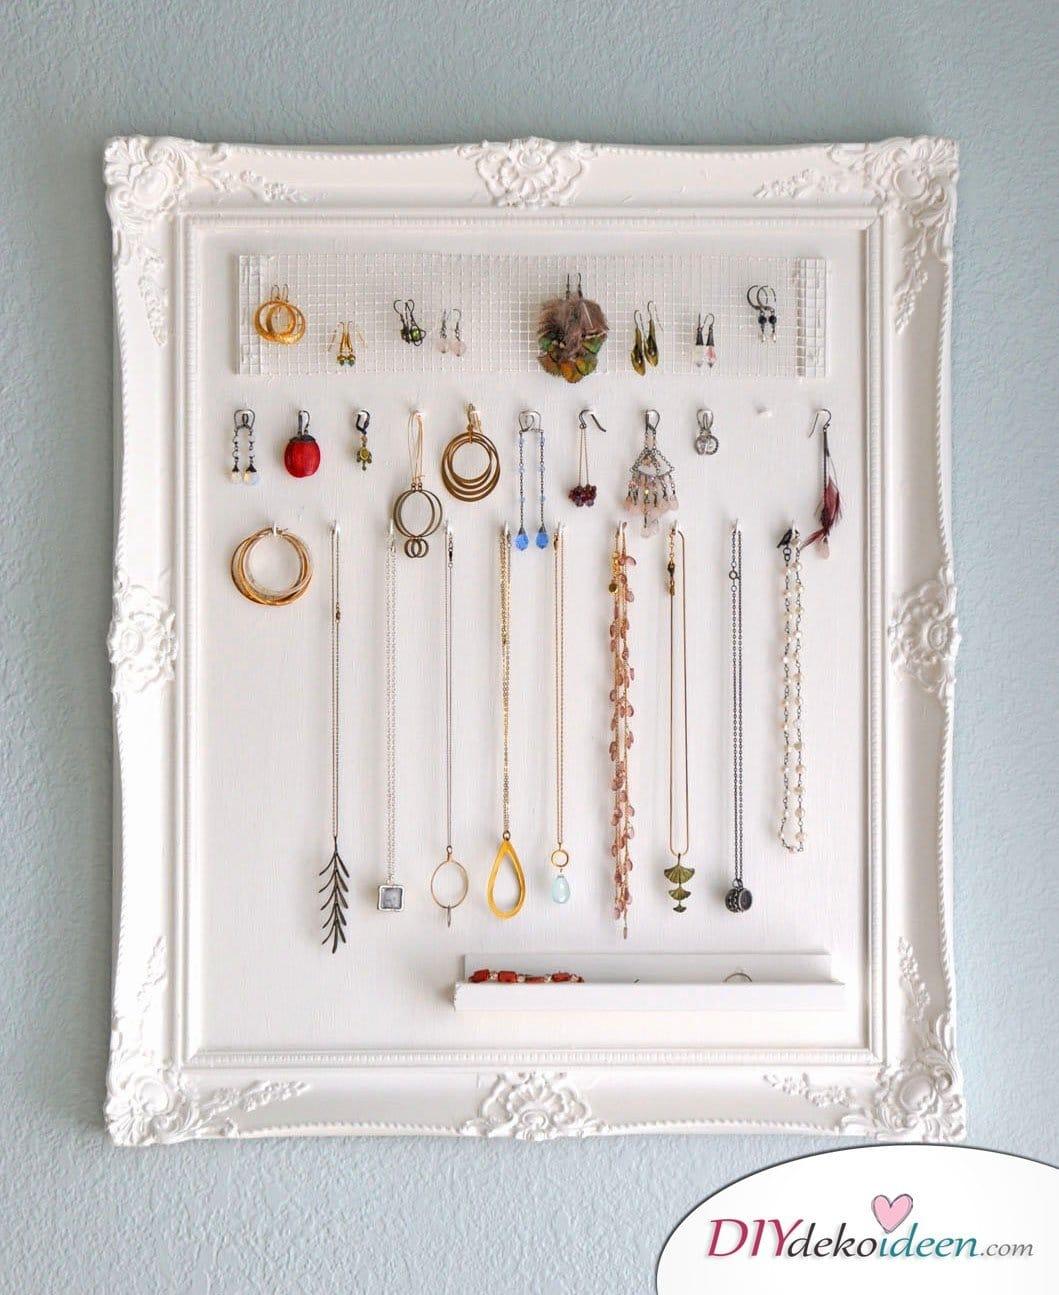 Schmuckhalter für Mamas Halsketten – DIY Geschenke basteln